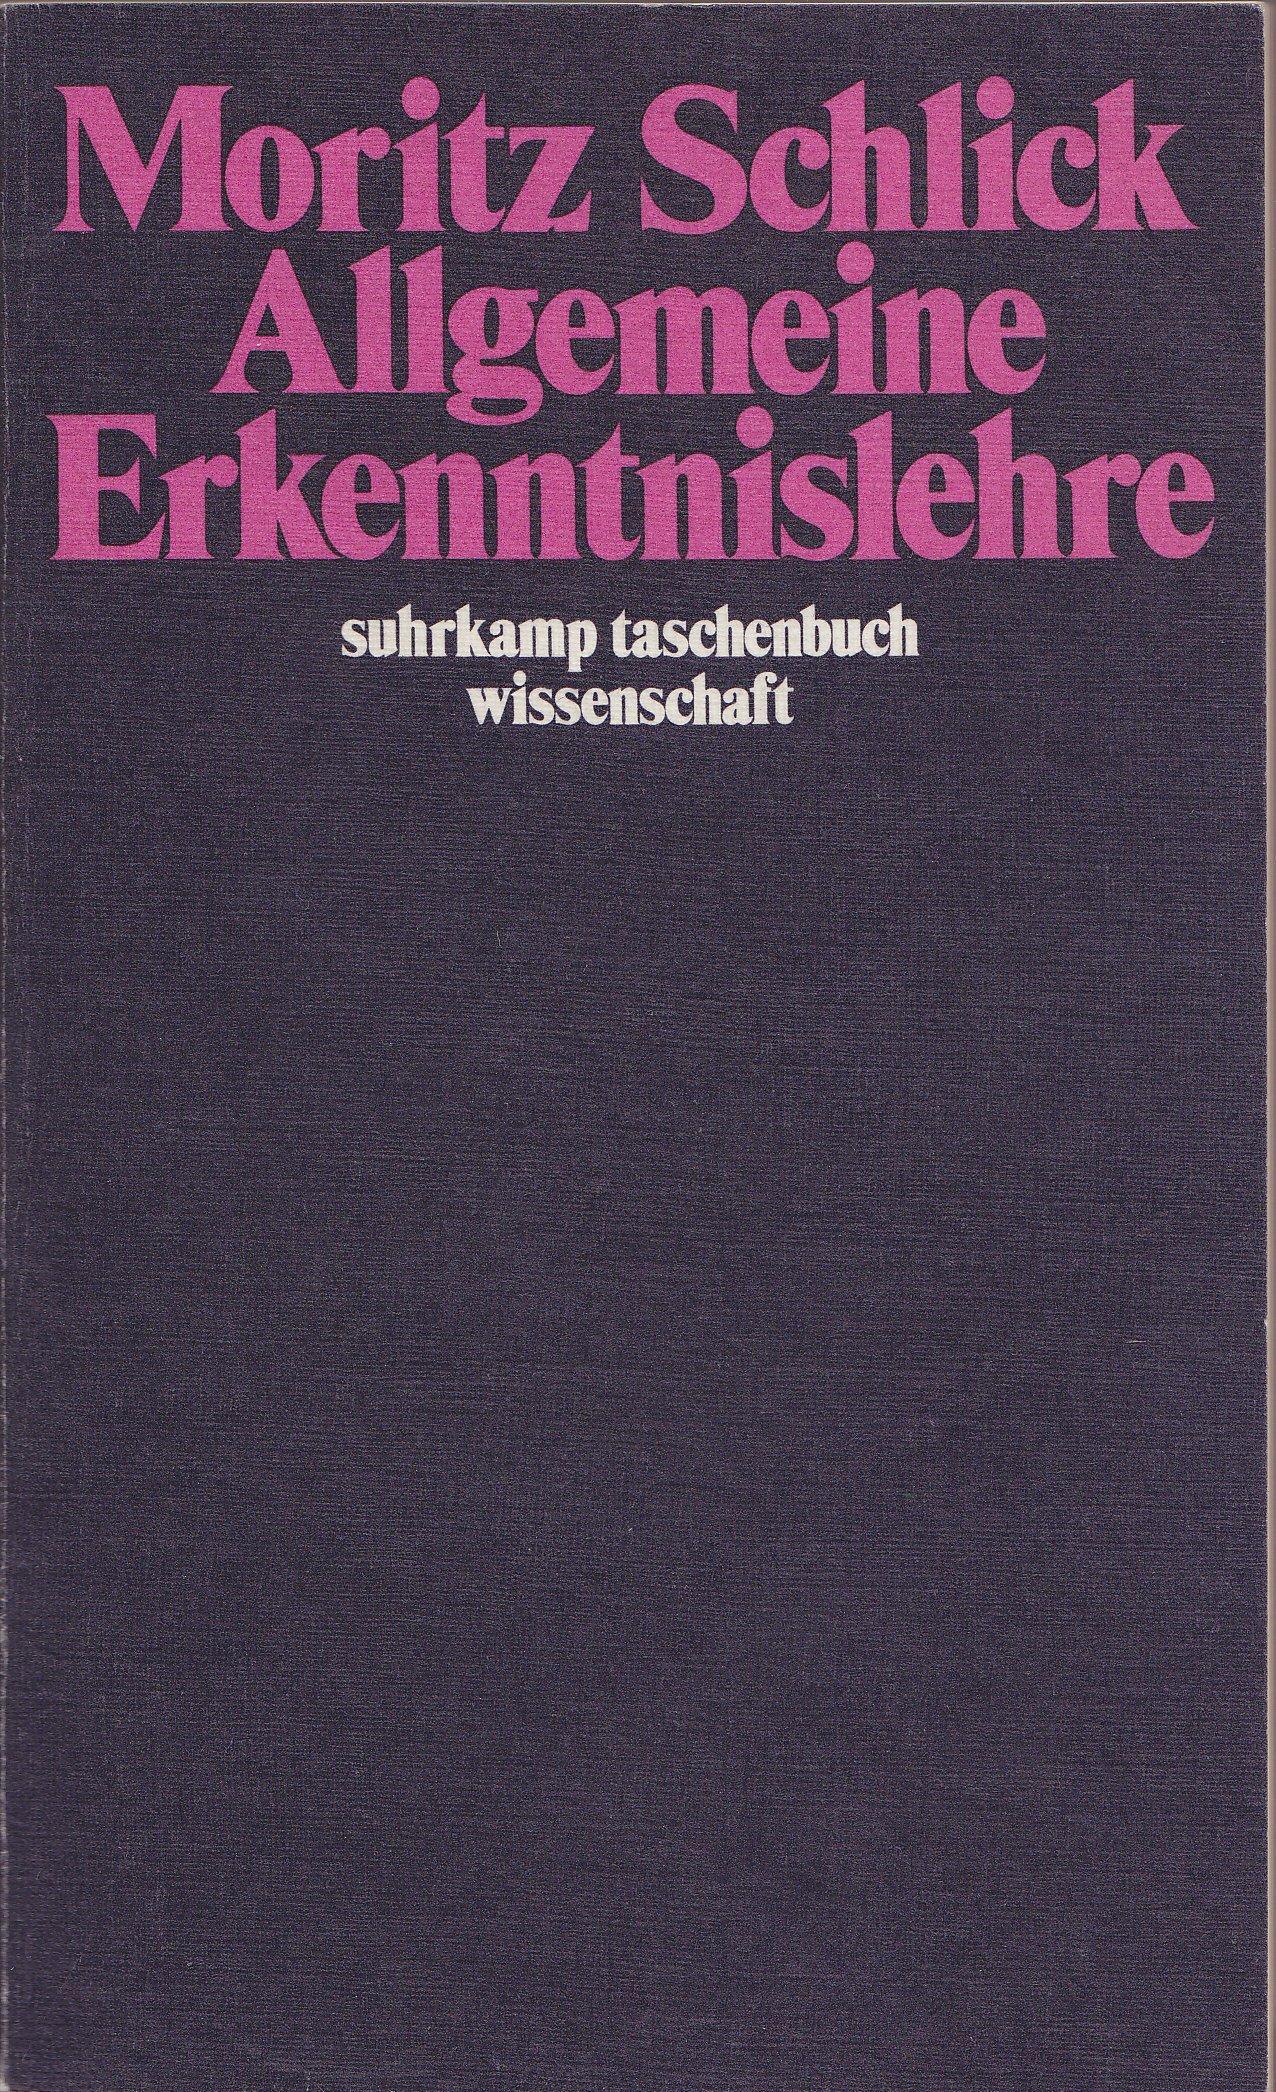 Allgemeine Erkenntnislehre Taschenbuch – 1. Januar 1978 Moritz Schlick Suhrkamp 3518078690 MAK_GD_9783518078693